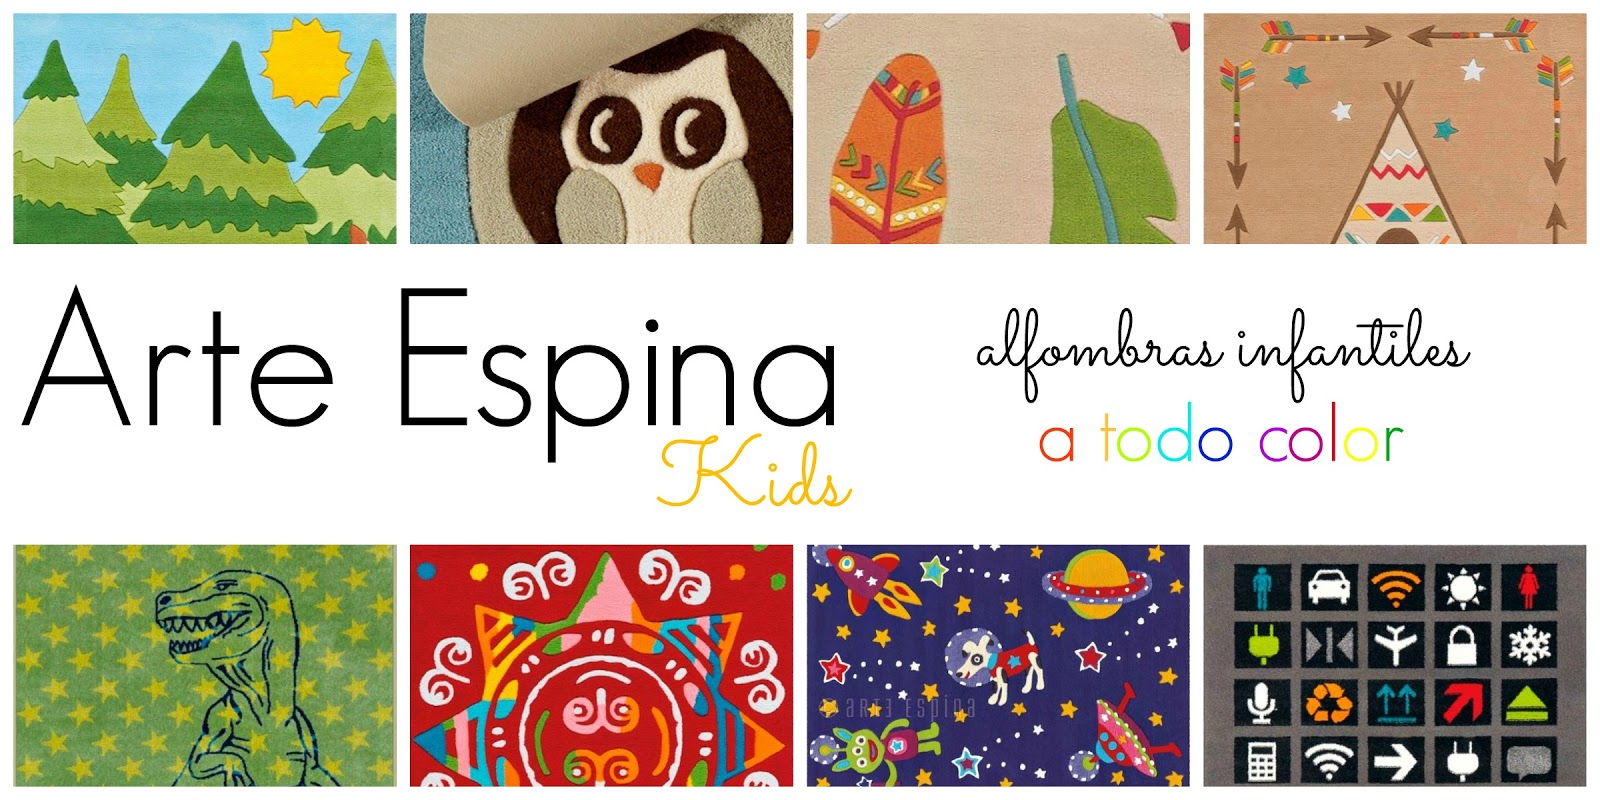 Arte espina kids alfombras infantiles a todo color for Alfombras el mundo